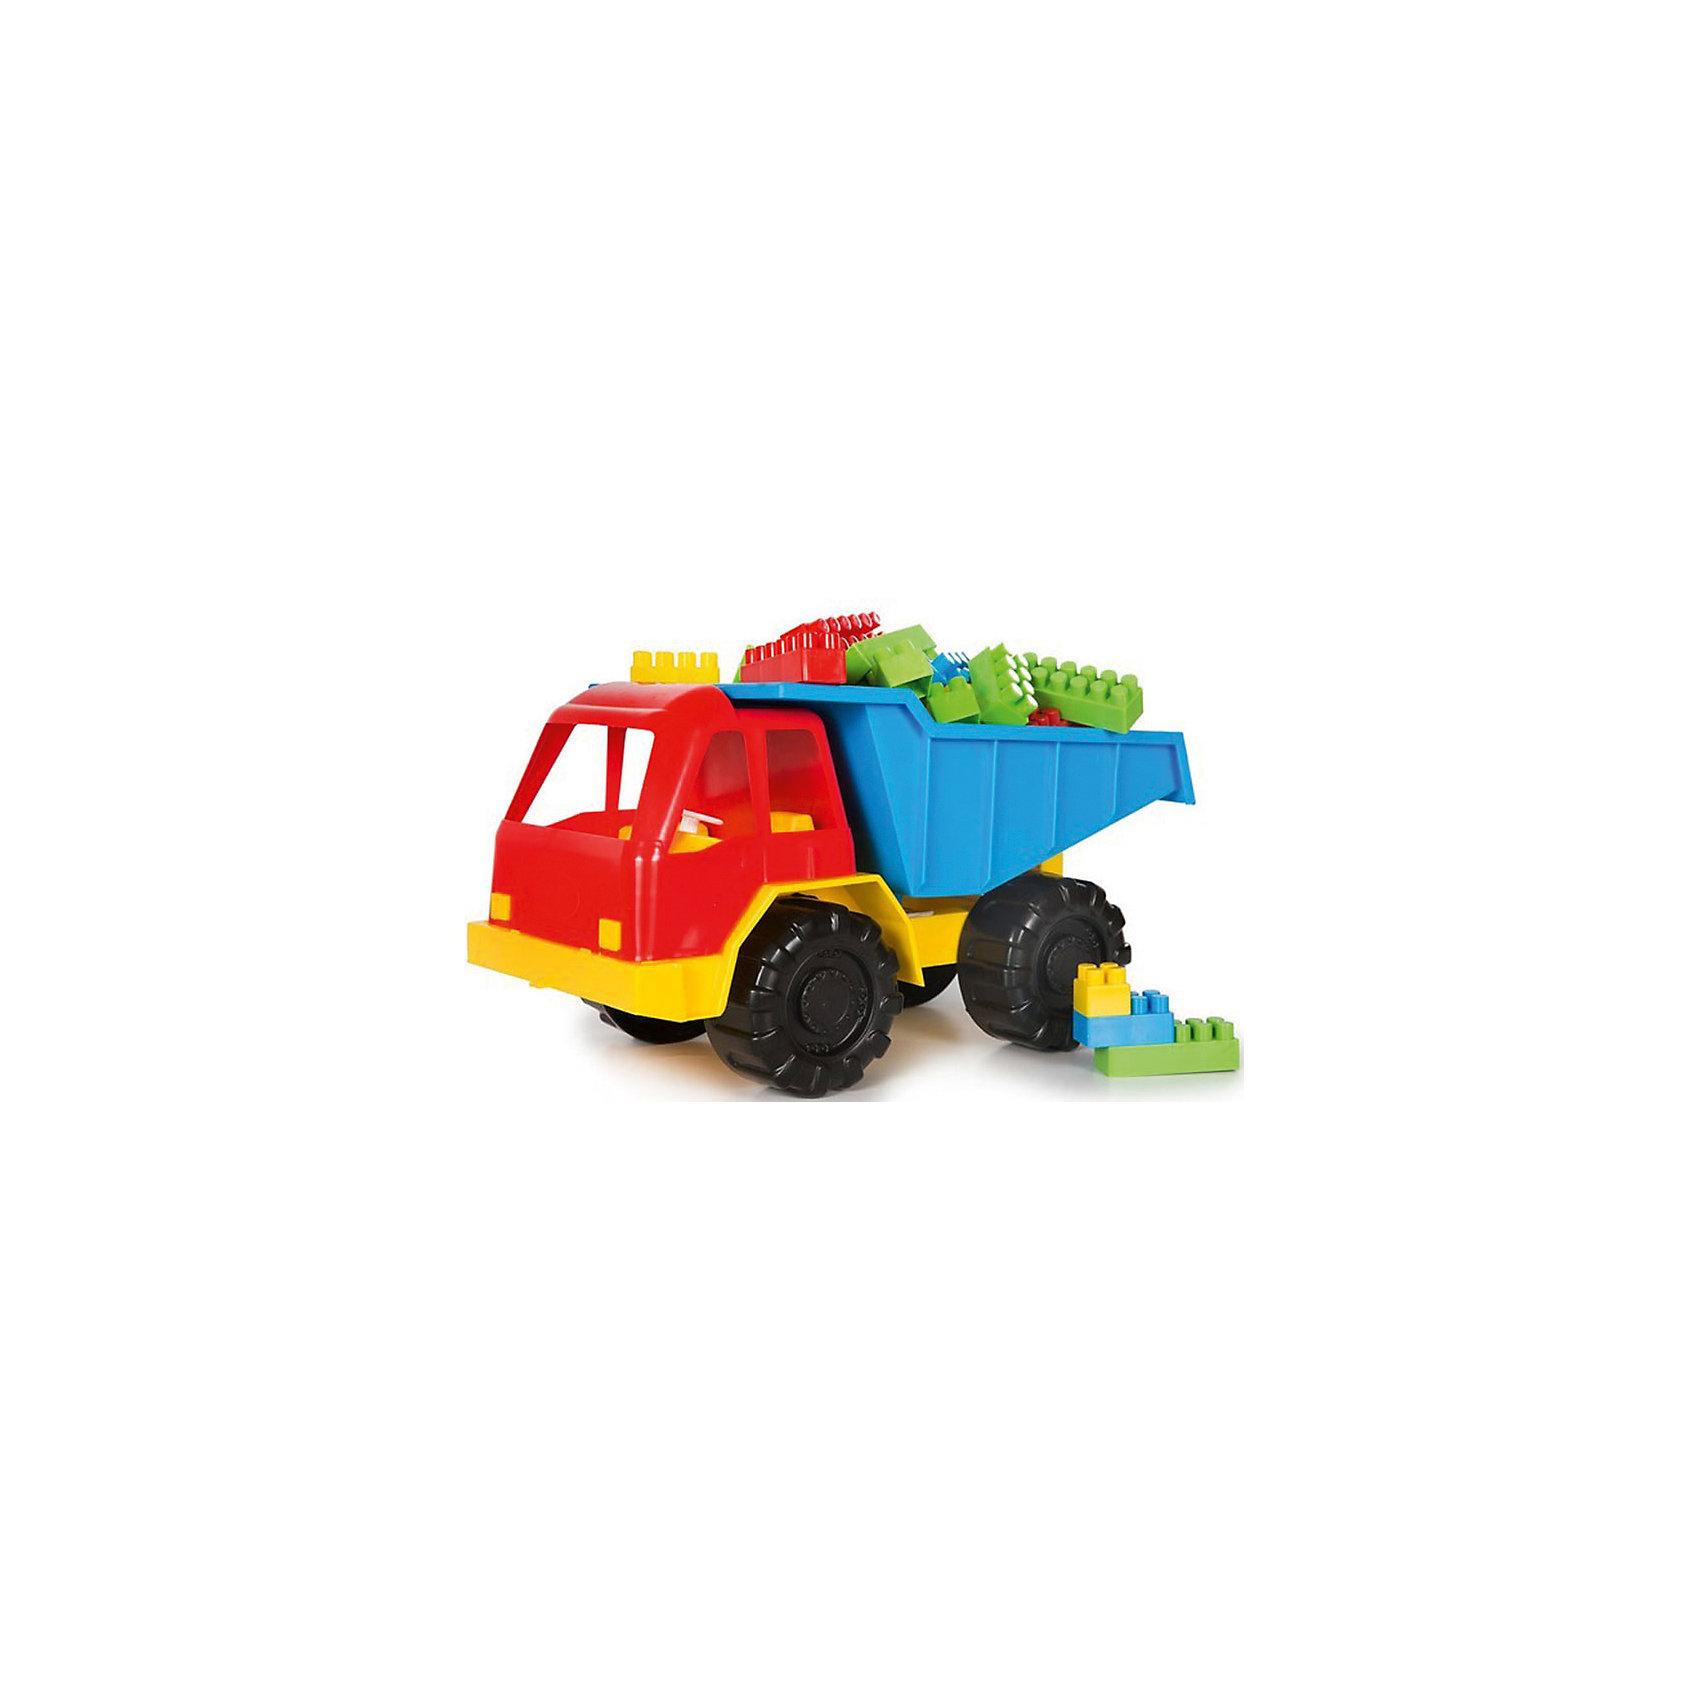 Грузовик + Комби Блок, КАССОНМашинки<br>Грузовик + Комби Блок, КАССОН.<br><br>Характеристики:<br><br>- Материал: пластик<br>- Цвет: красный, синий, желтый.<br><br>Такая игрушка, безусловно, привлечет внимание вашего мальчика. Модель выполнена  из яркого безопасного пластика. Игрушка представляет собой модель автомобиля спецтехники «Самосвал». Она выполнена из качественного и безопасного пластика. Колеса машинки имеют свободный ход. В кузове грузовичка находятся разноцветные блоки, из которых можно построить домик. С такой игрушкой ваш ребенок сможет придумывать и обыгрывать различные игровые сюжеты. Порадуйте своего мальчика, подарив ему такую машинку!<br><br>Грузовик + Комби Блок, КАССОН можно купить в нашем интернет - магазине.<br><br>Ширина мм: 300<br>Глубина мм: 300<br>Высота мм: 300<br>Вес г: 400<br>Возраст от месяцев: 36<br>Возраст до месяцев: 84<br>Пол: Мужской<br>Возраст: Детский<br>SKU: 4785514